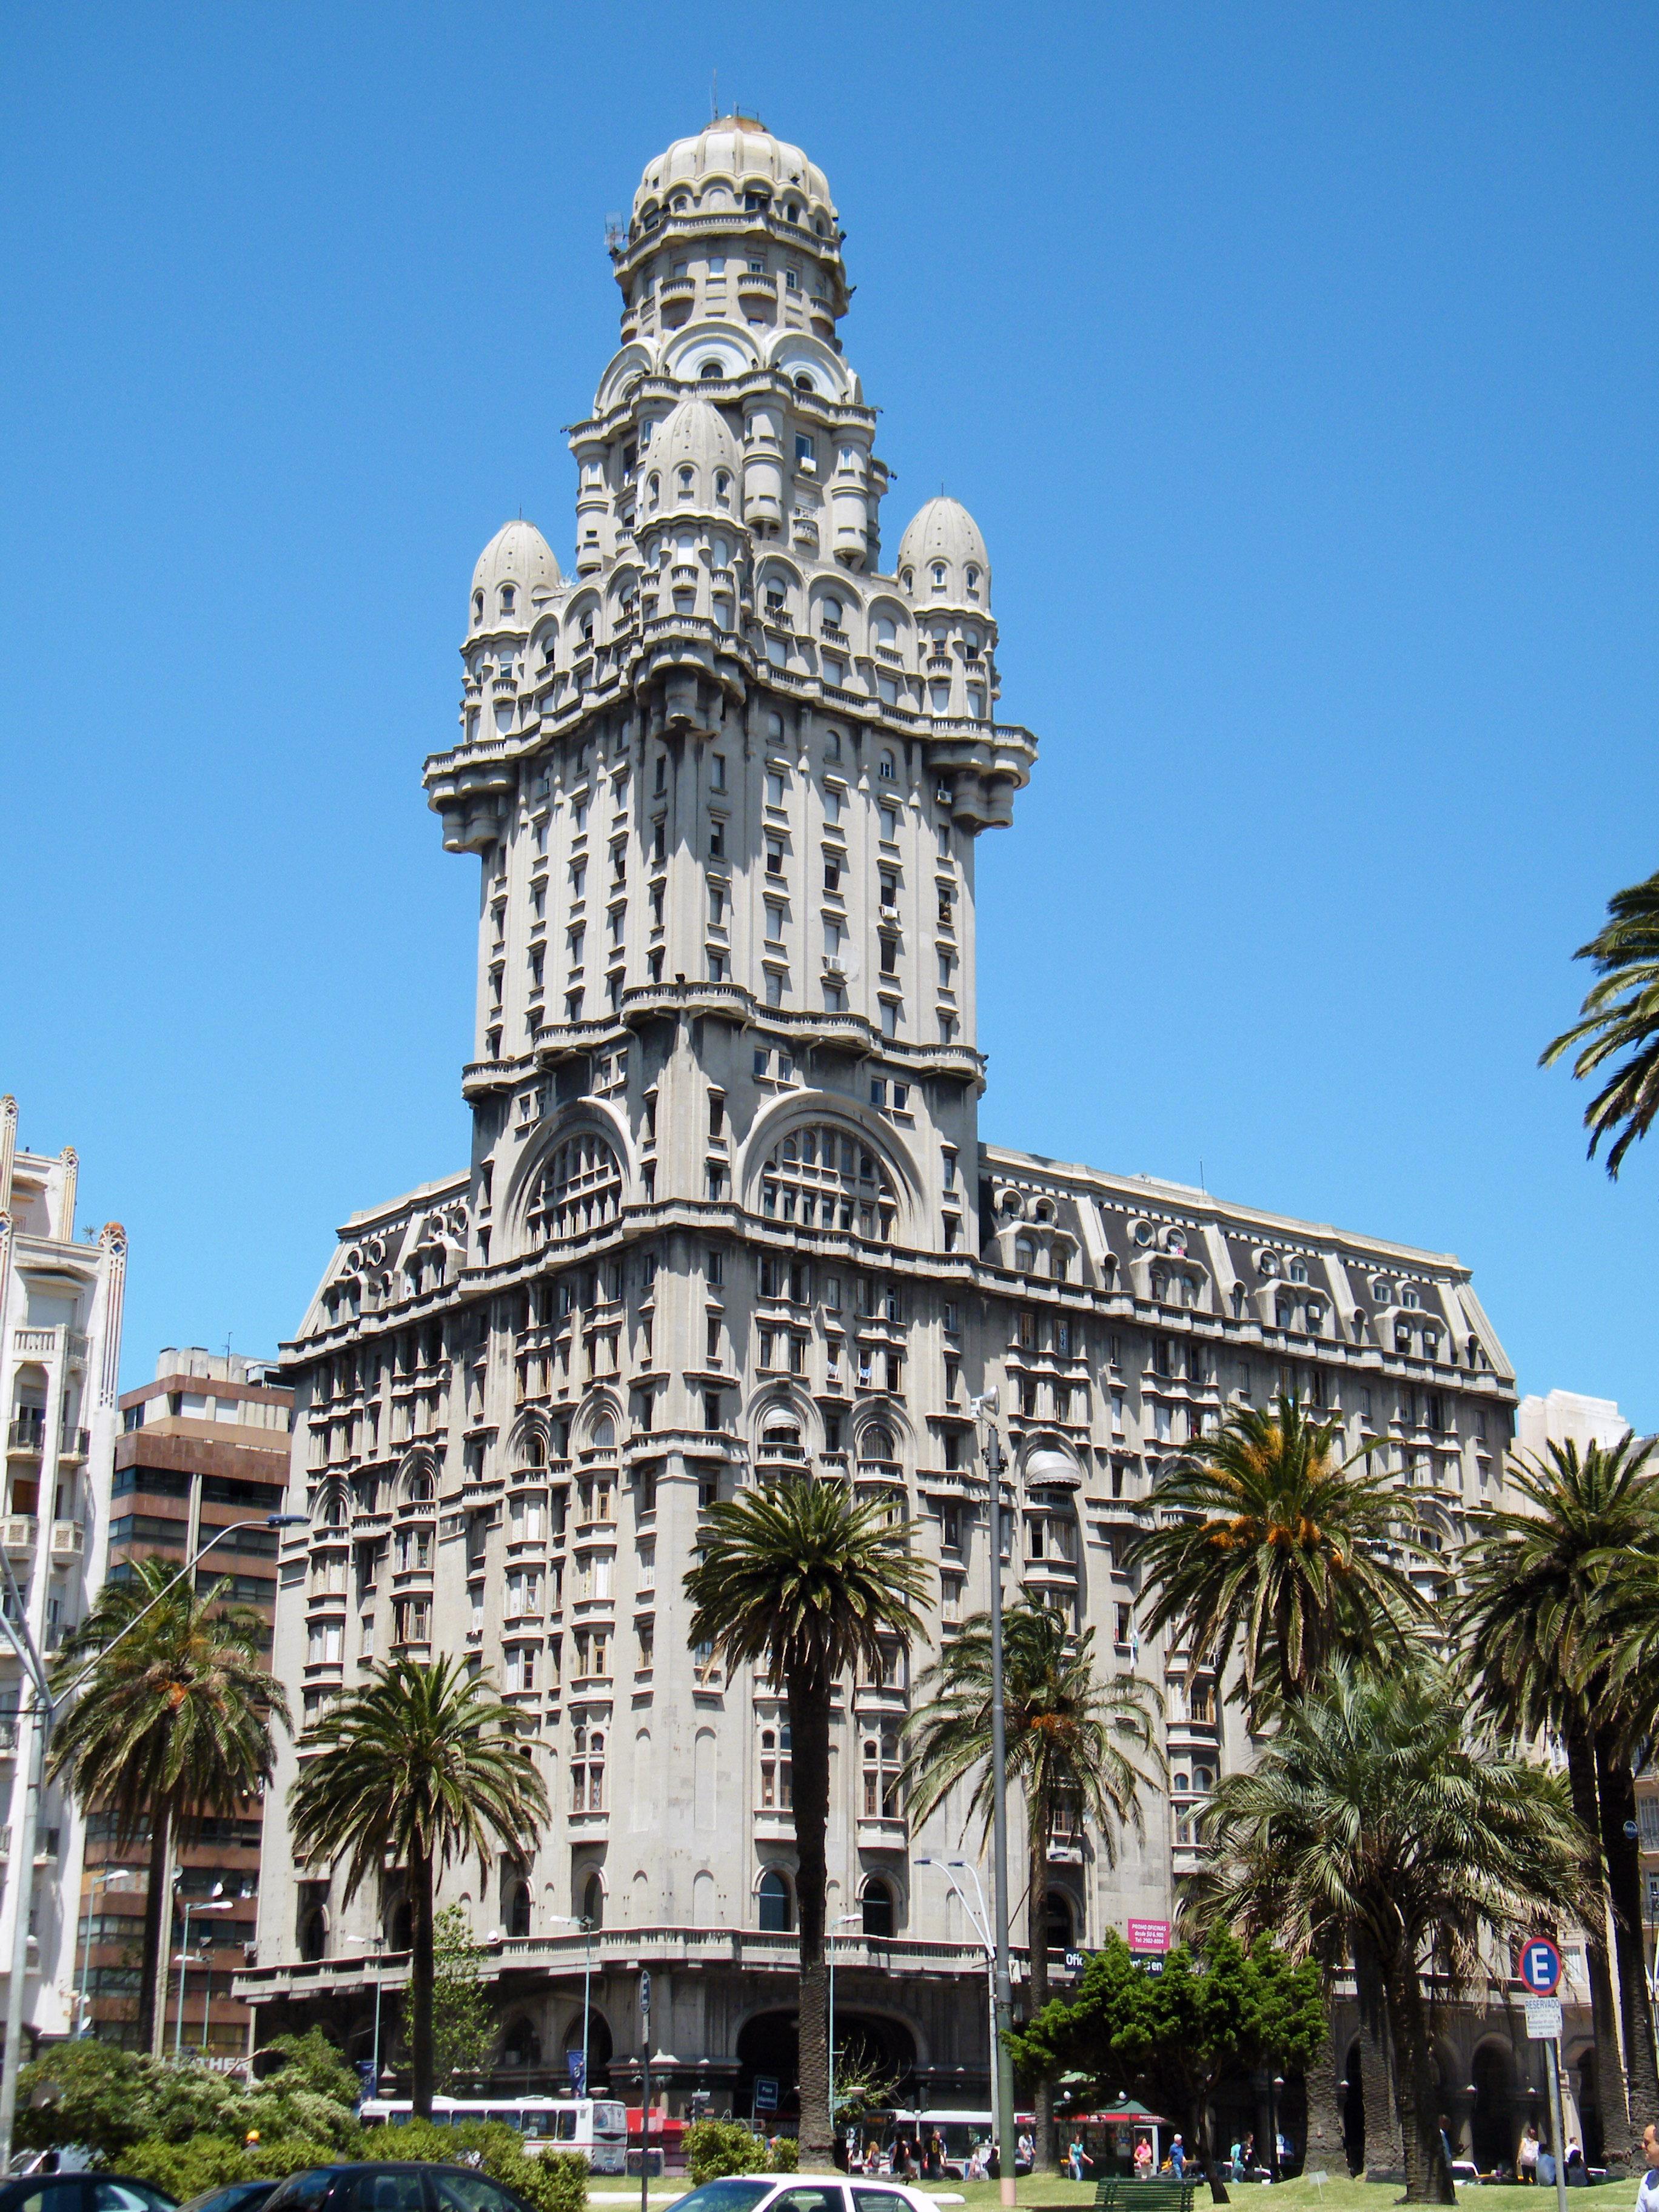 Palacio Salvo - Wikipedia, la enciclopedia libre